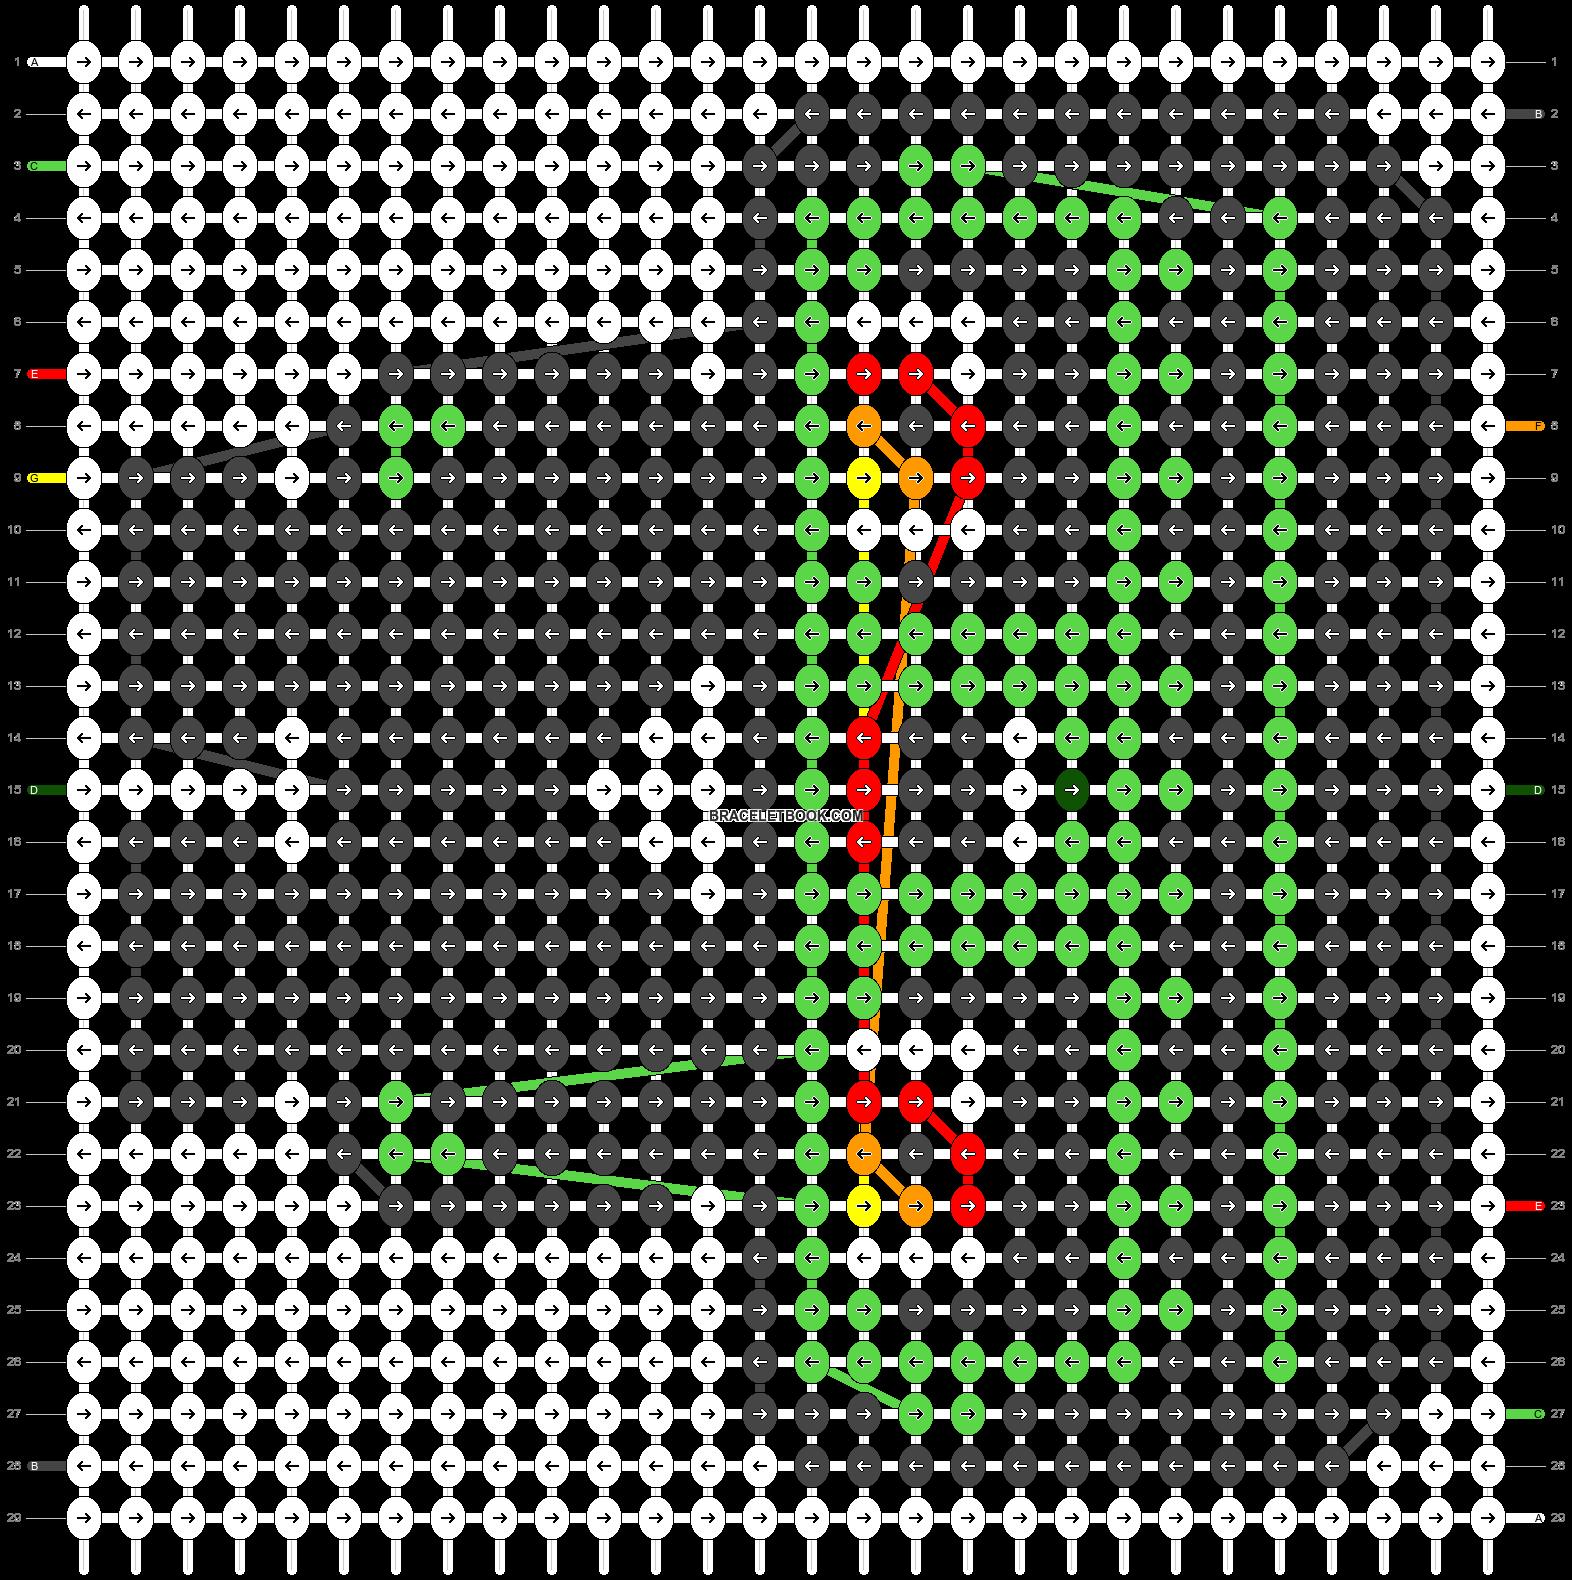 Alpha Pattern #22547 added by MemiIrwin